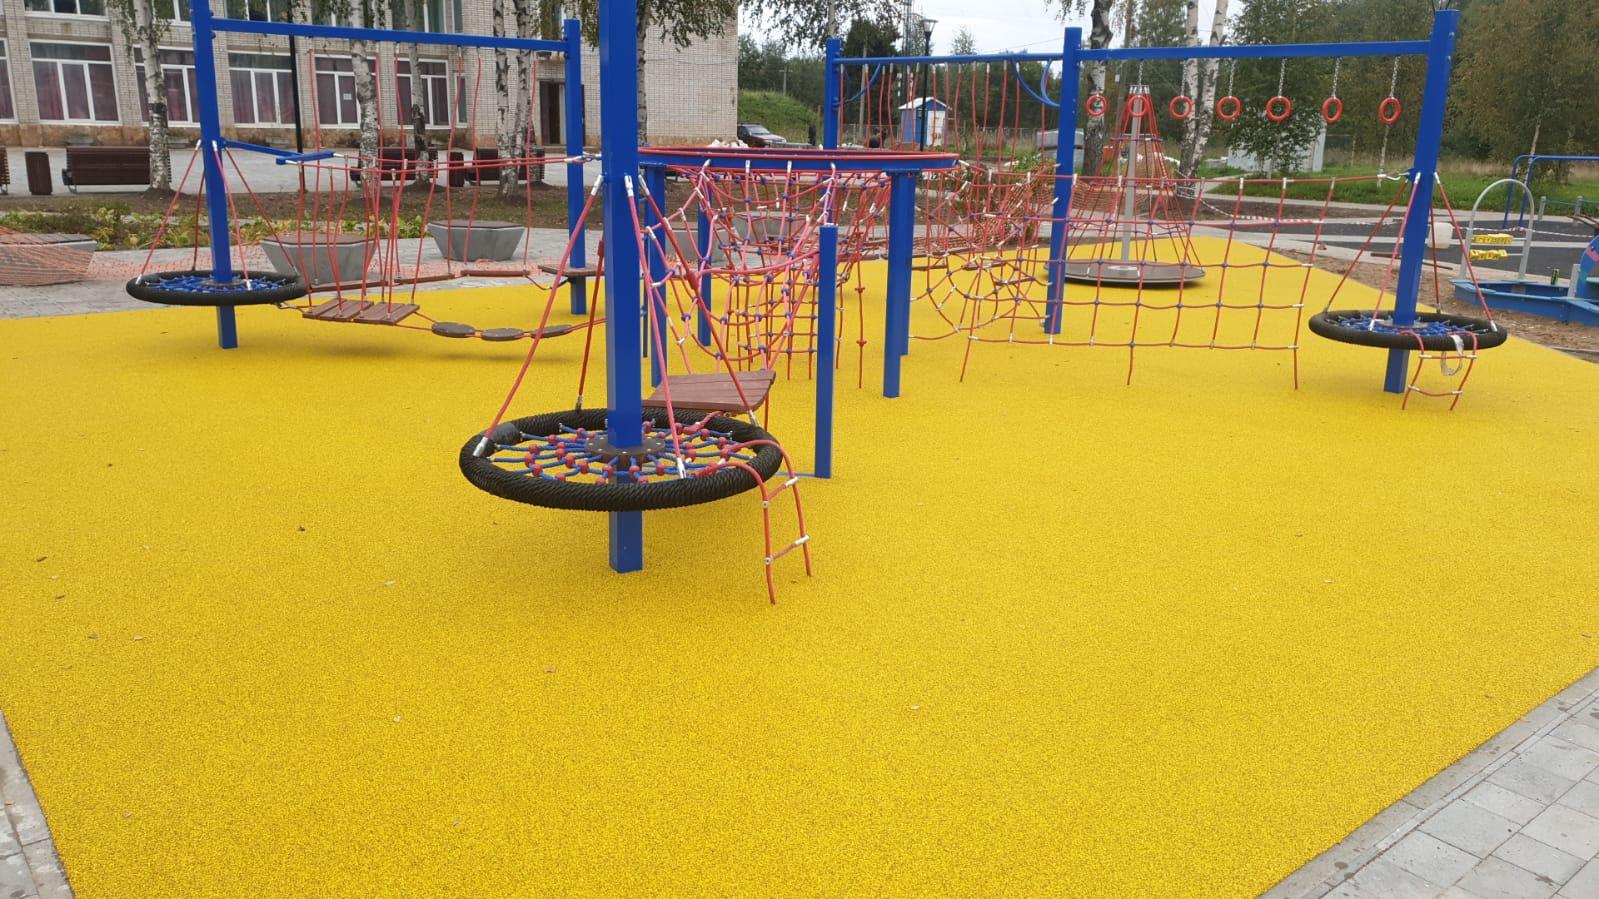 Детская площадка в Кисельне накануне сдачи в эксплуатацию